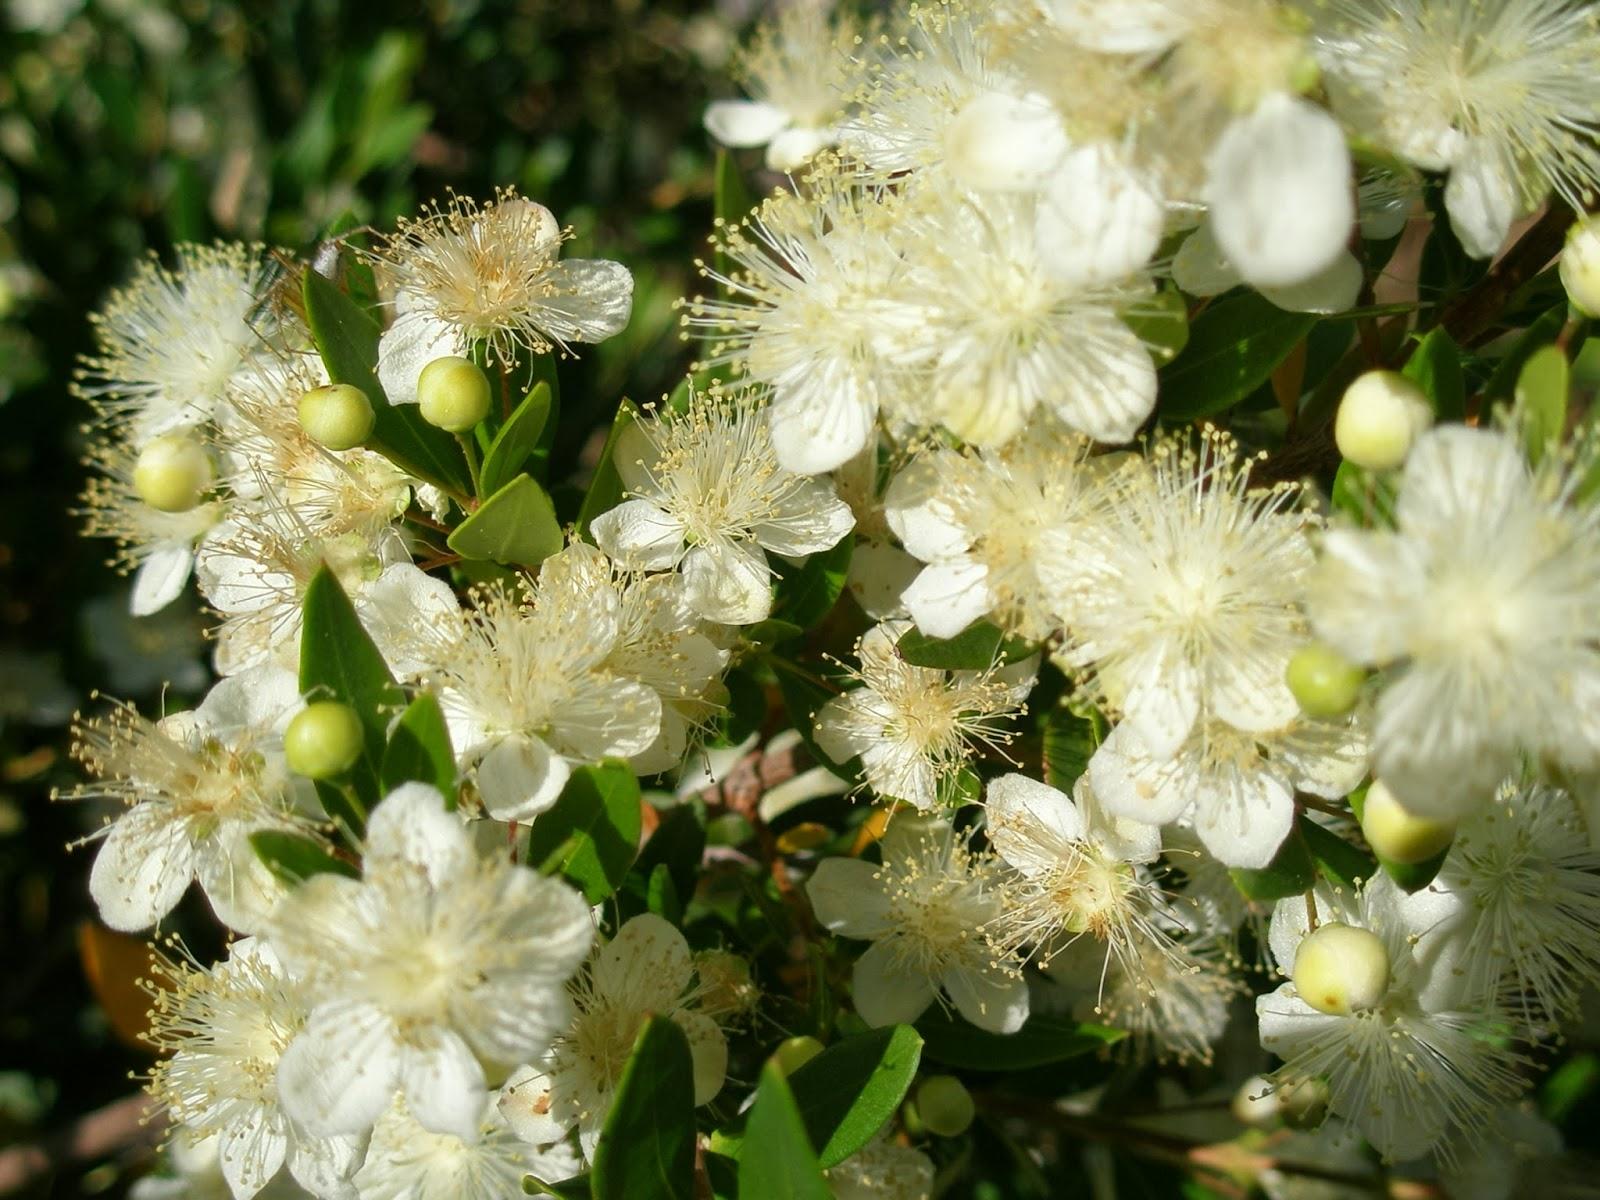 Çiçek Ve Çam Balları Hangi Bakımdan Farklıdır